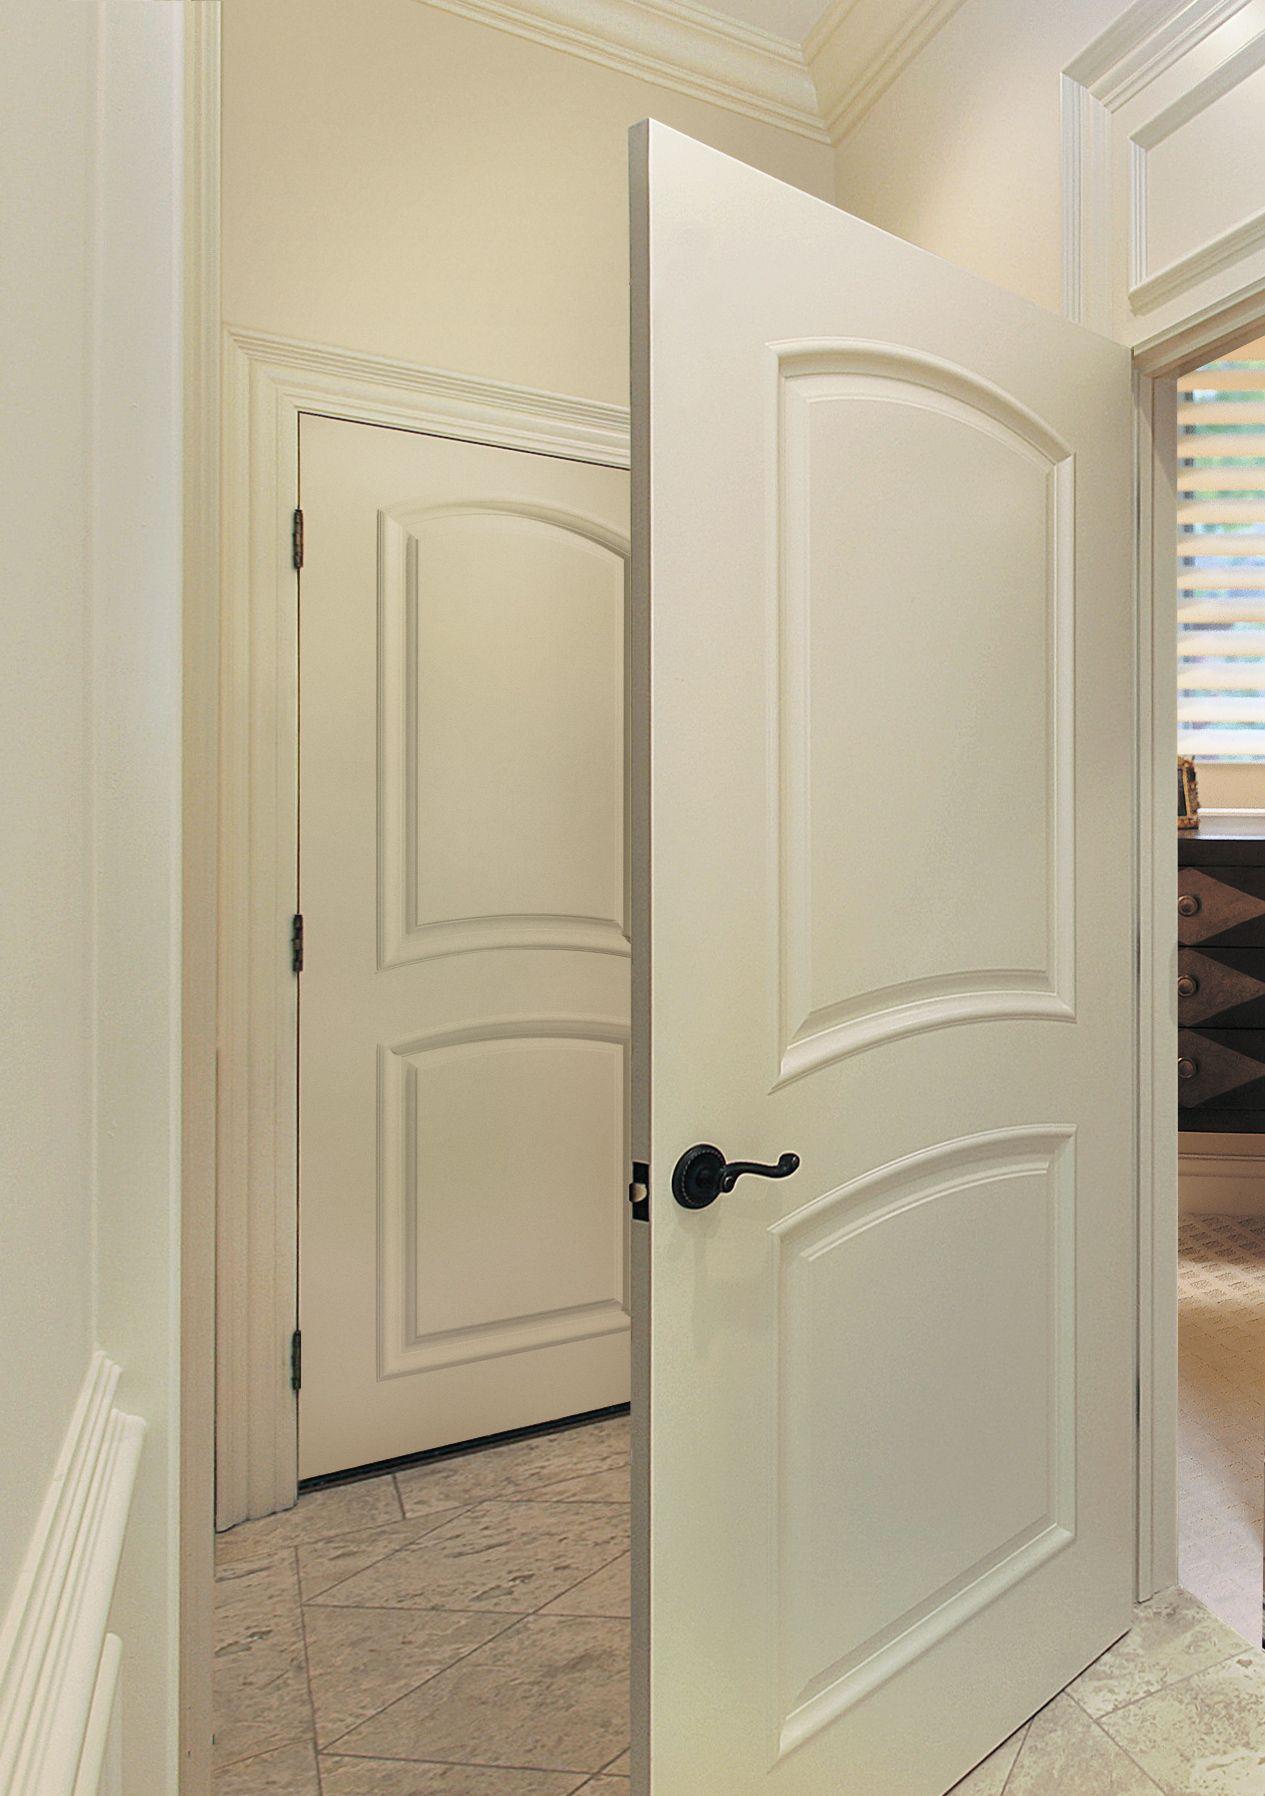 Masonite Palazzo Series Bellagio Masonite Interior Doors